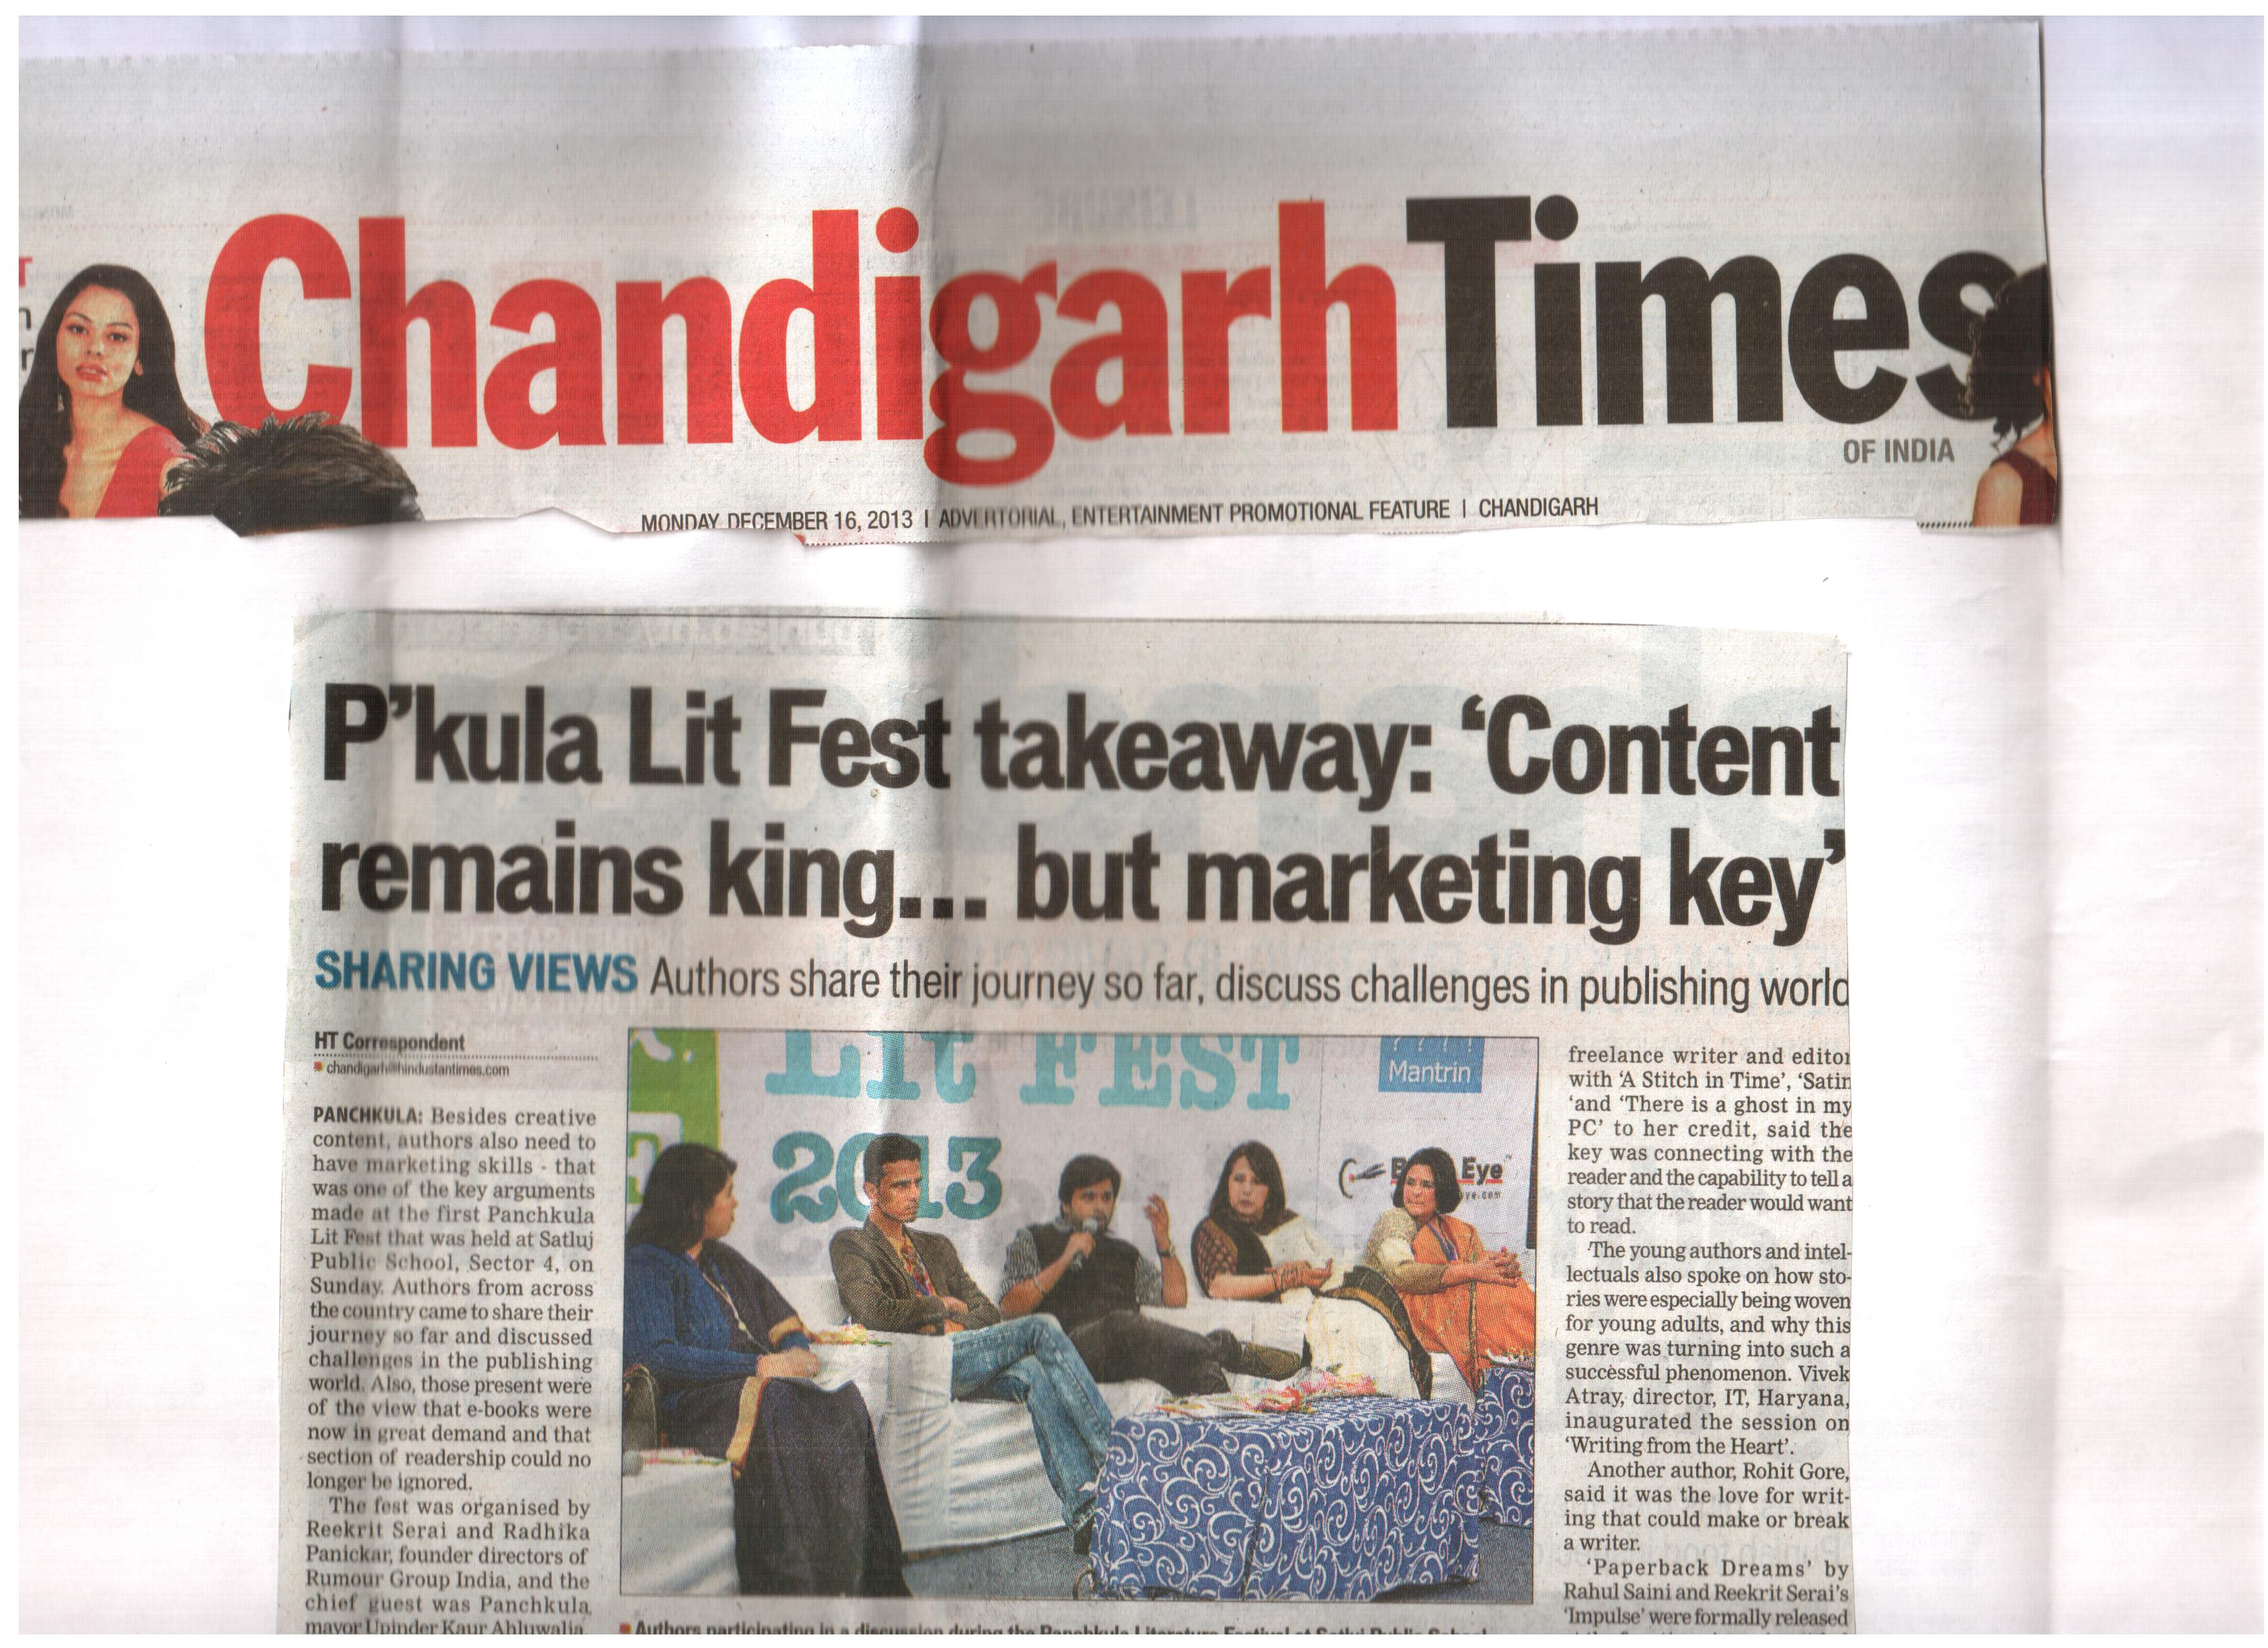 Panchkula Lit Fest